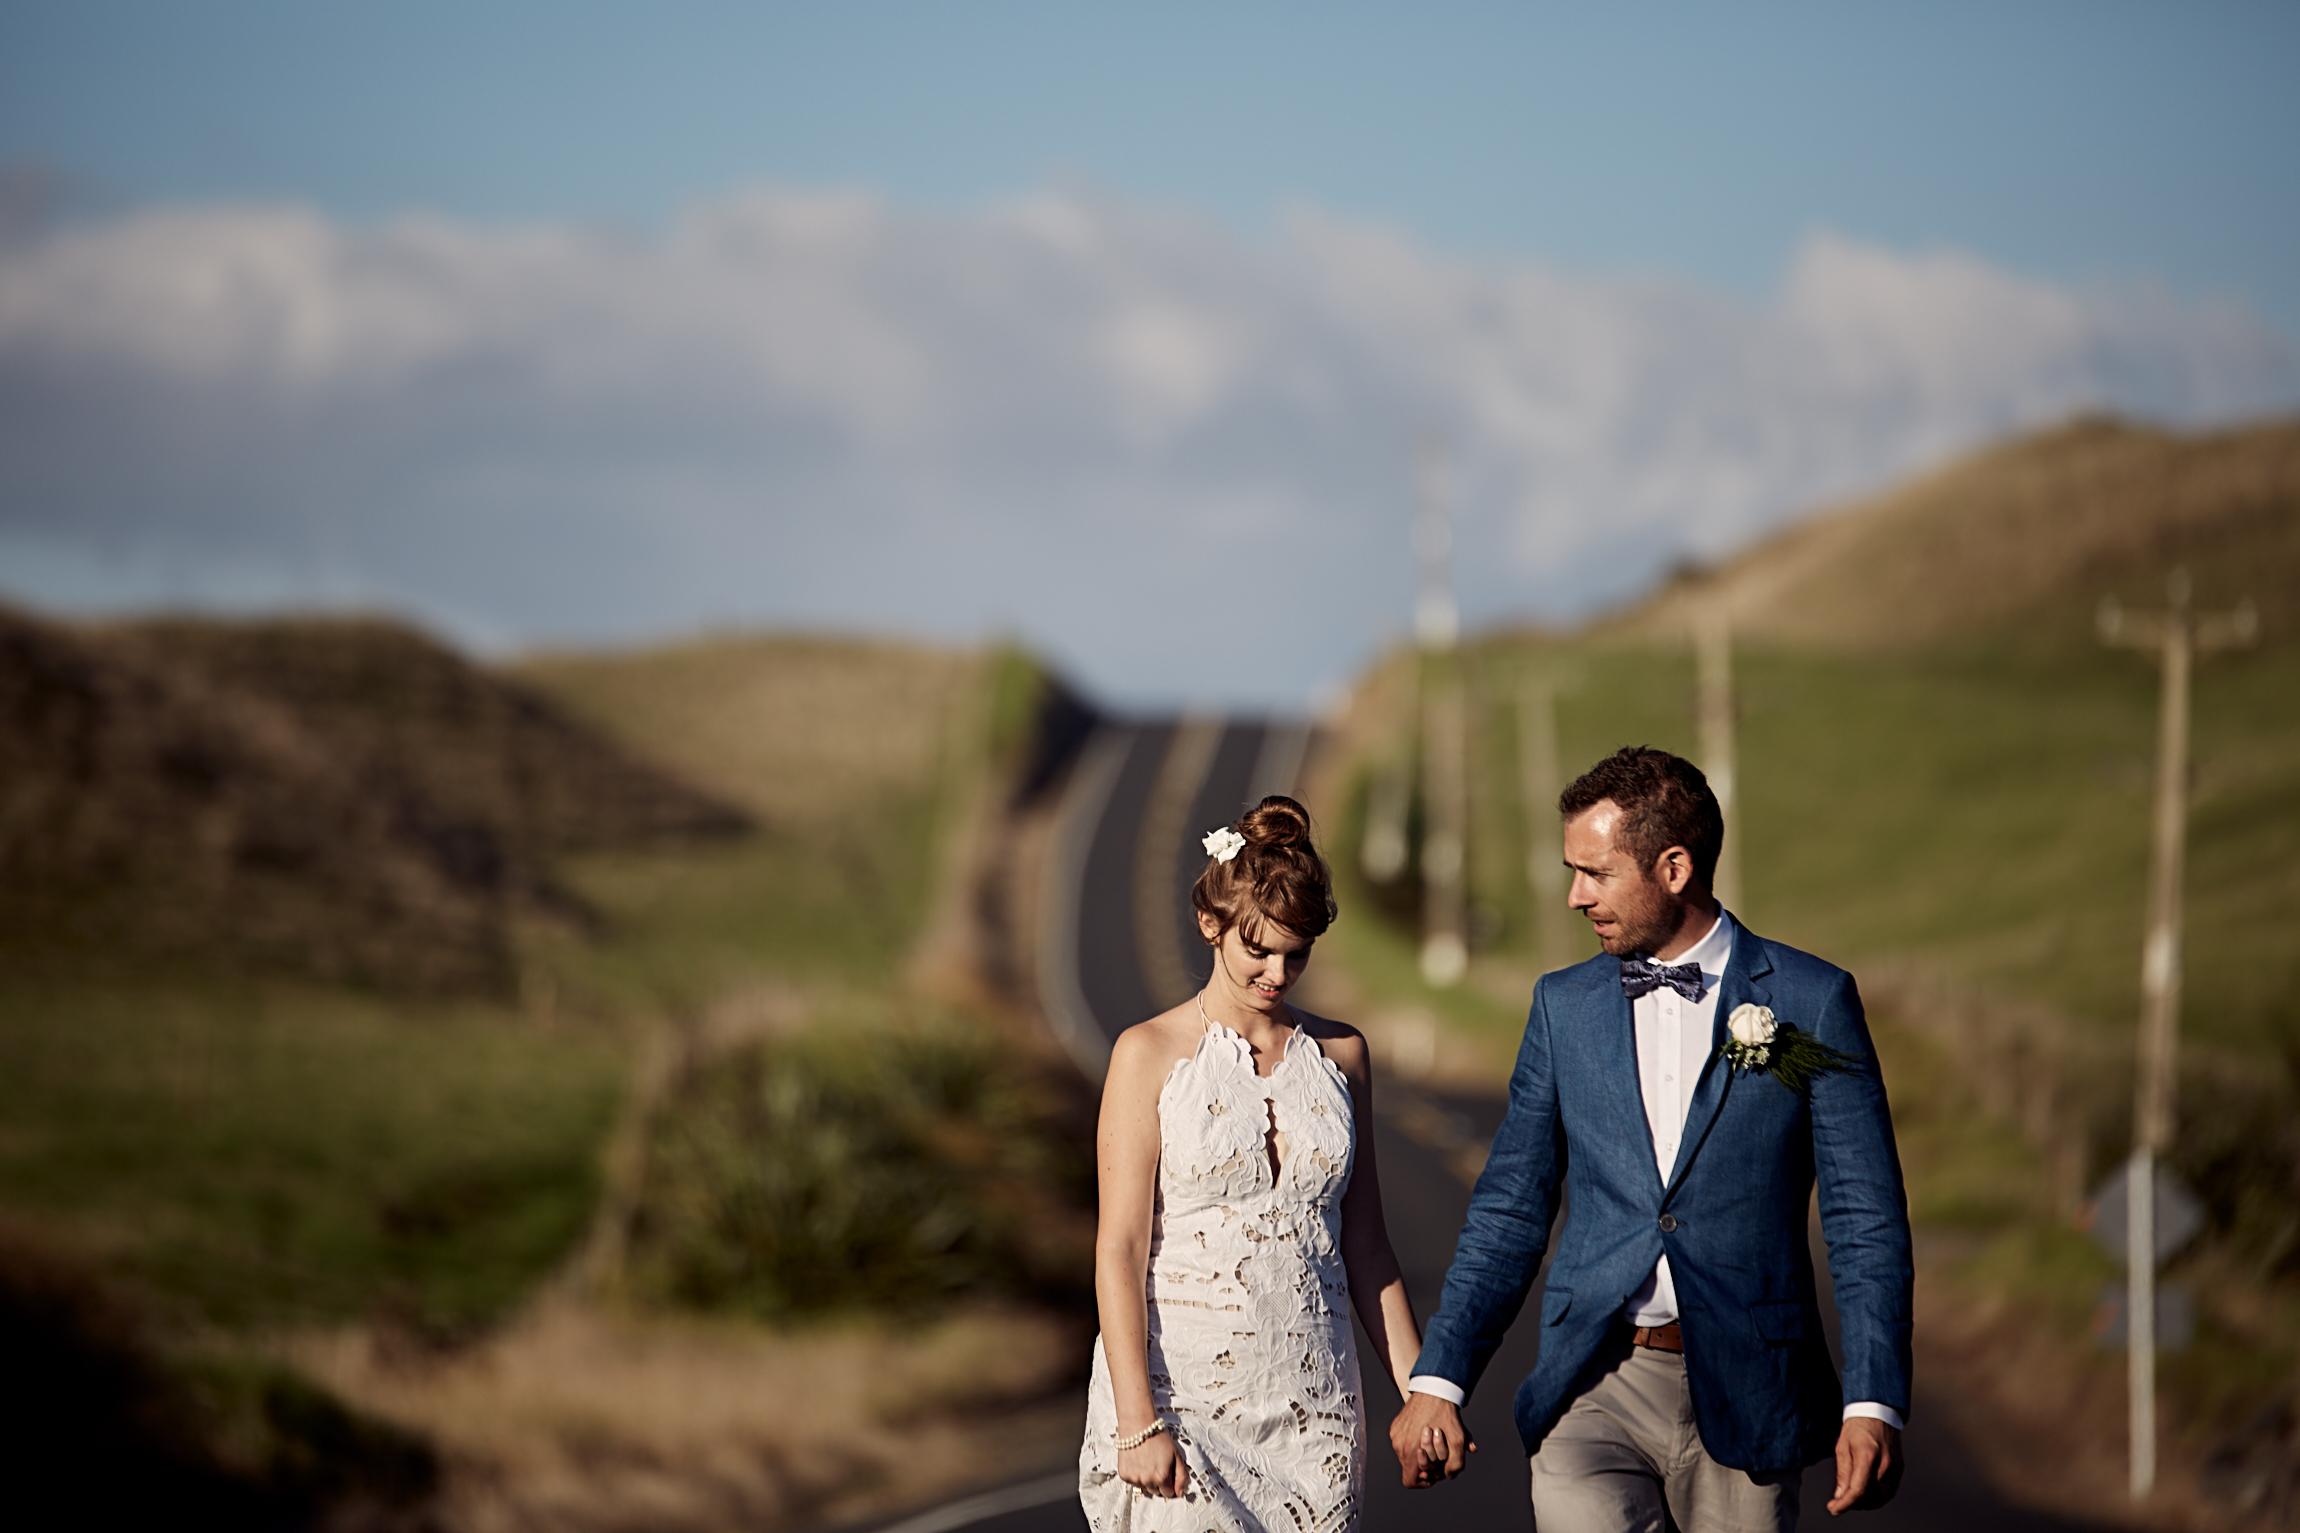 Rural weddings